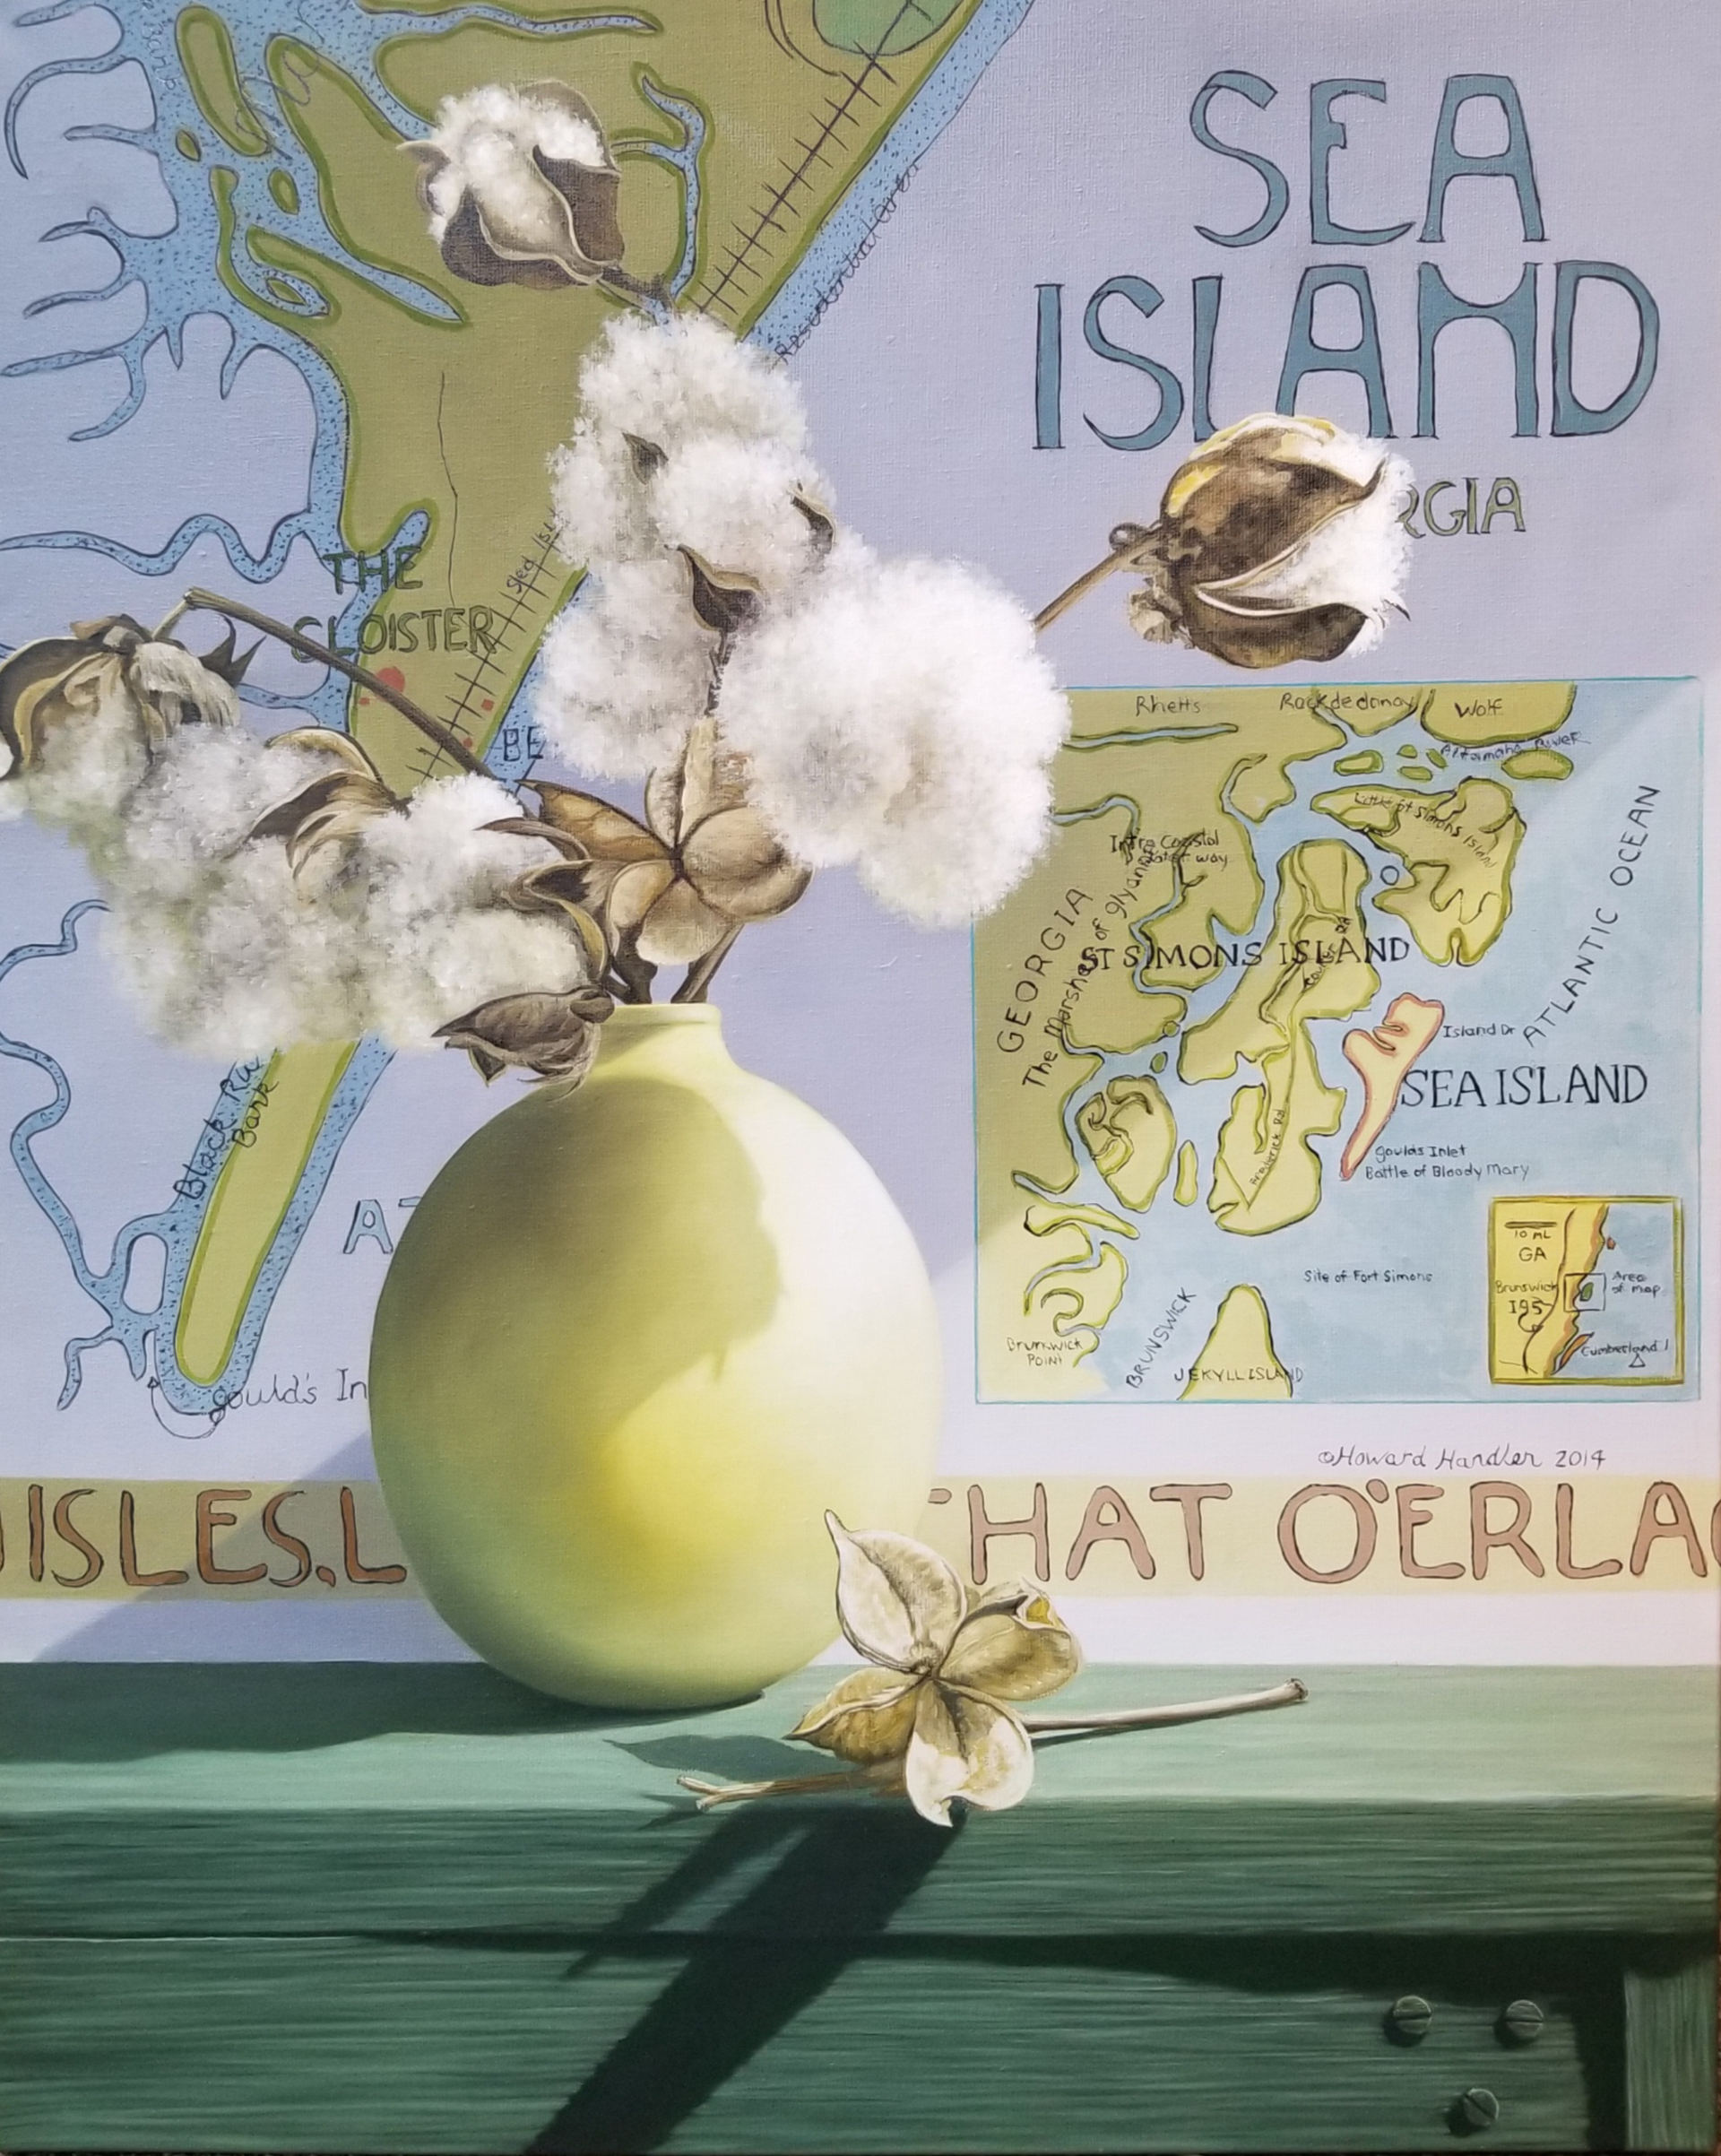 Sea Island Cotton by Loren DiBenedetto, OPA